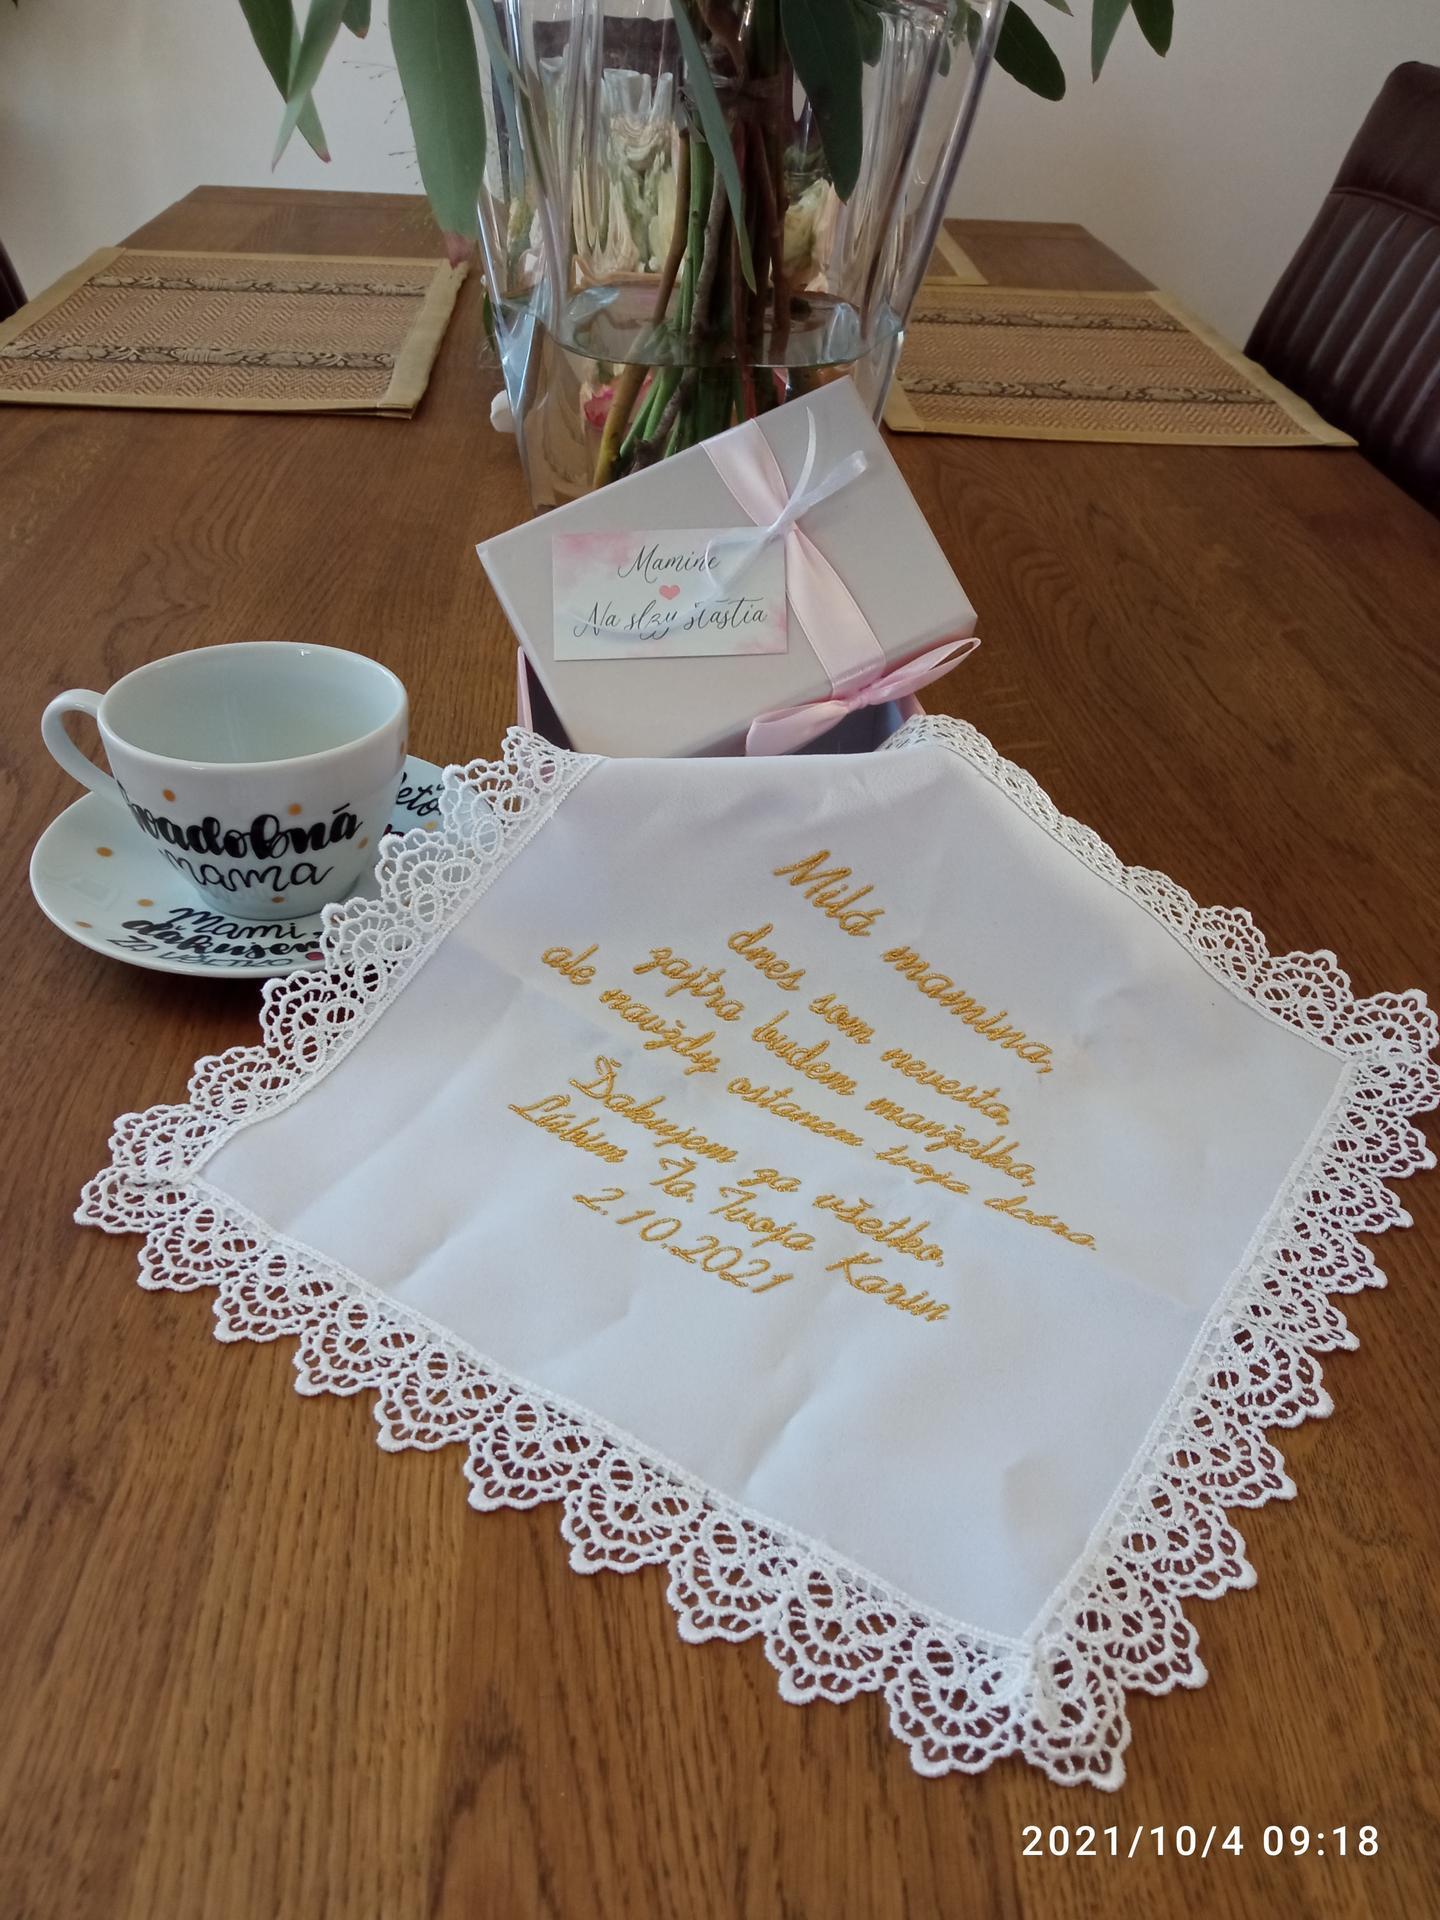 ❤️K&P❤️ Prípravy na náš deň 🥰 - Darčeky pre maminu - šálka svadobná mama a na druhej strane s menom od Nakreslené Mugs by Nikky (hrnčeky pre otcov som už nestihla odfotiť :) ) a vreckovka na slzy štastia.